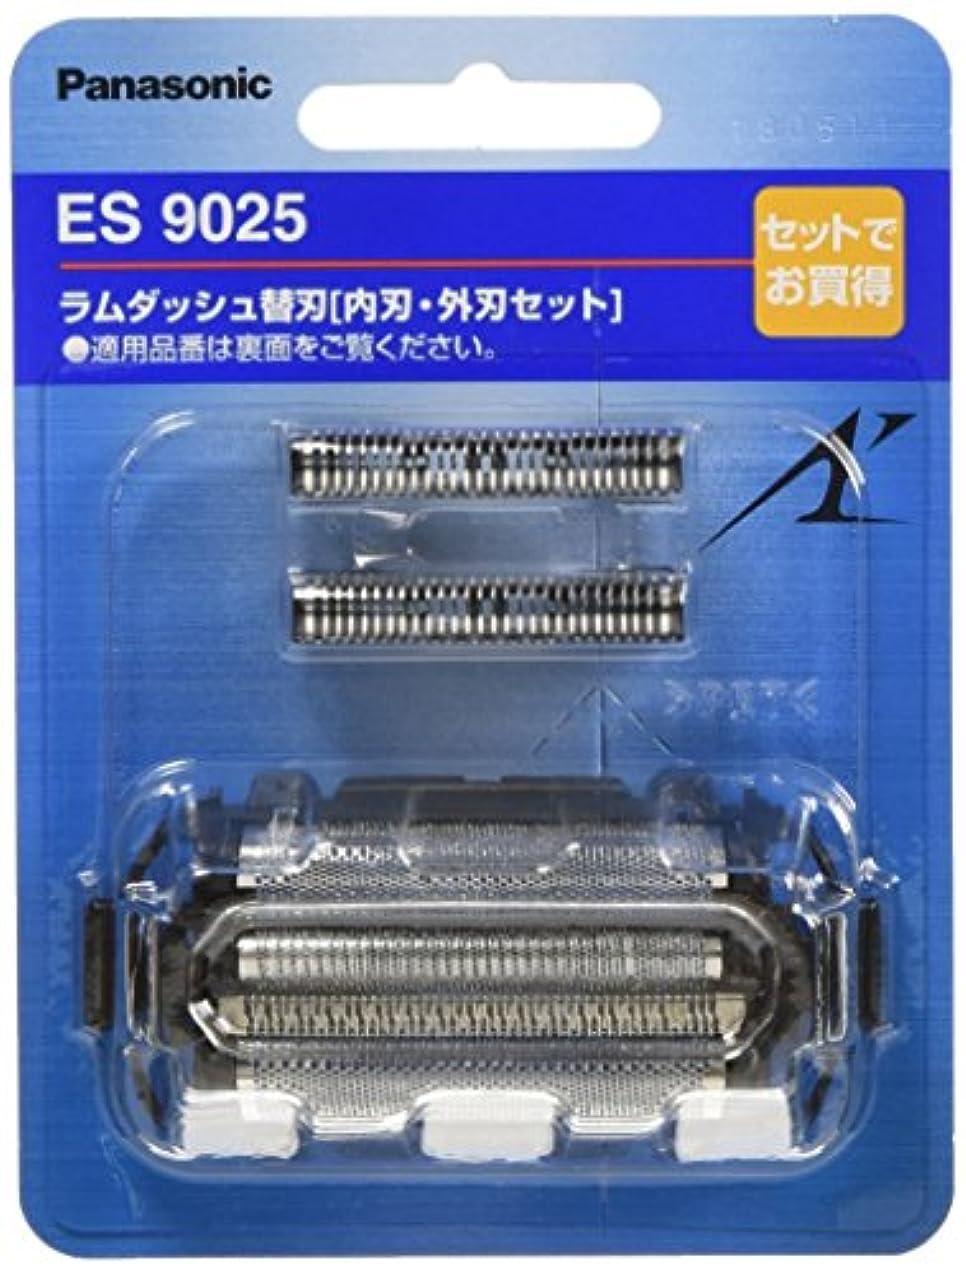 ゆるくくまマインドパナソニック 替刃 メンズシェーバー用 セット刃 ES9025